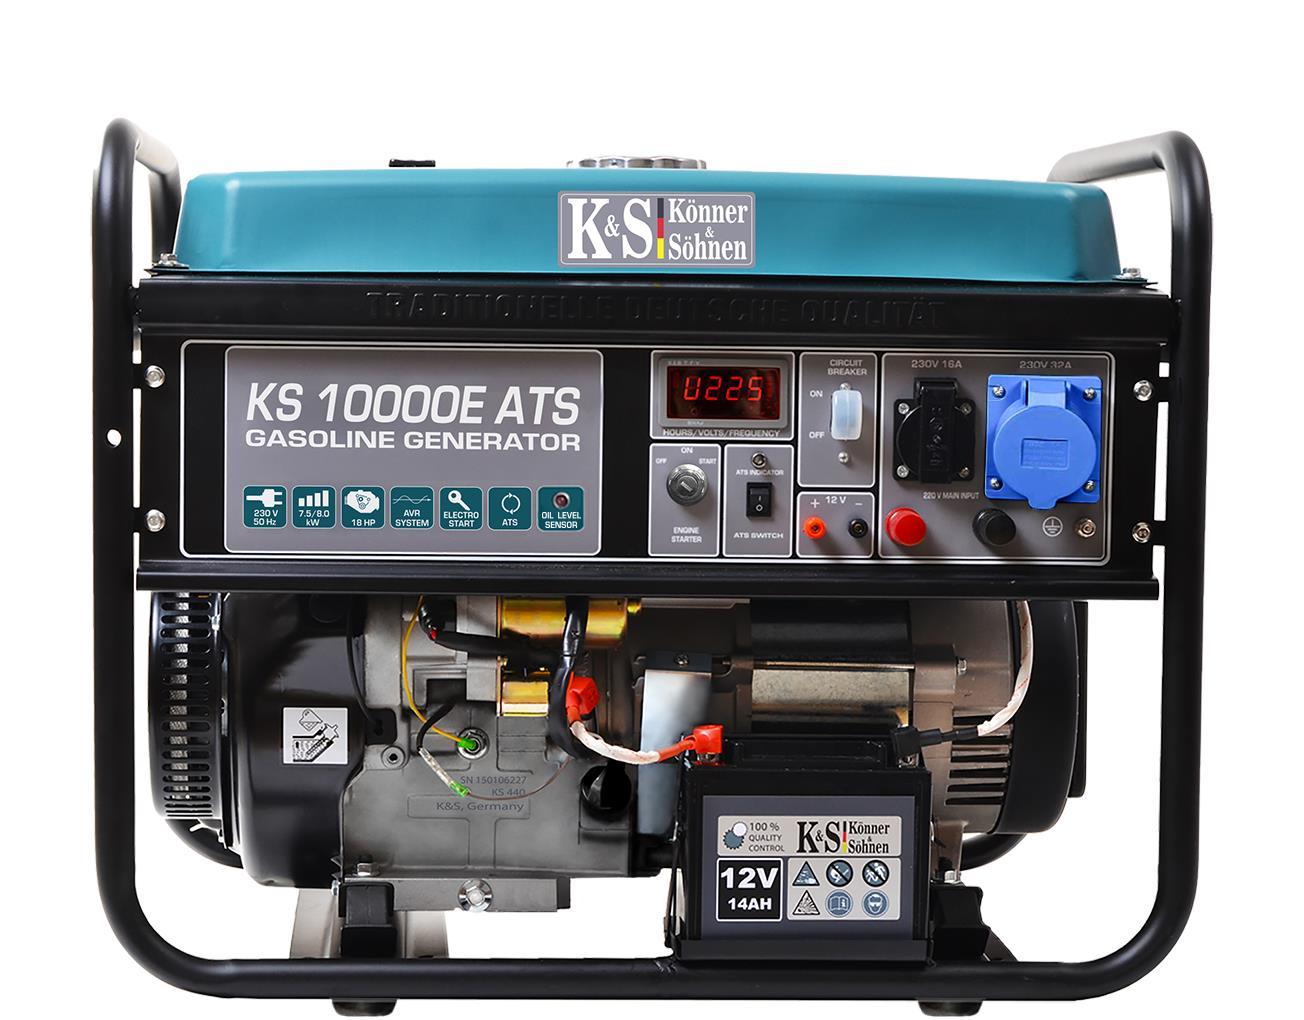 K&S 8.000 Watt Benzin KS10000E-ATS Stromaggregat  inkl. ATS